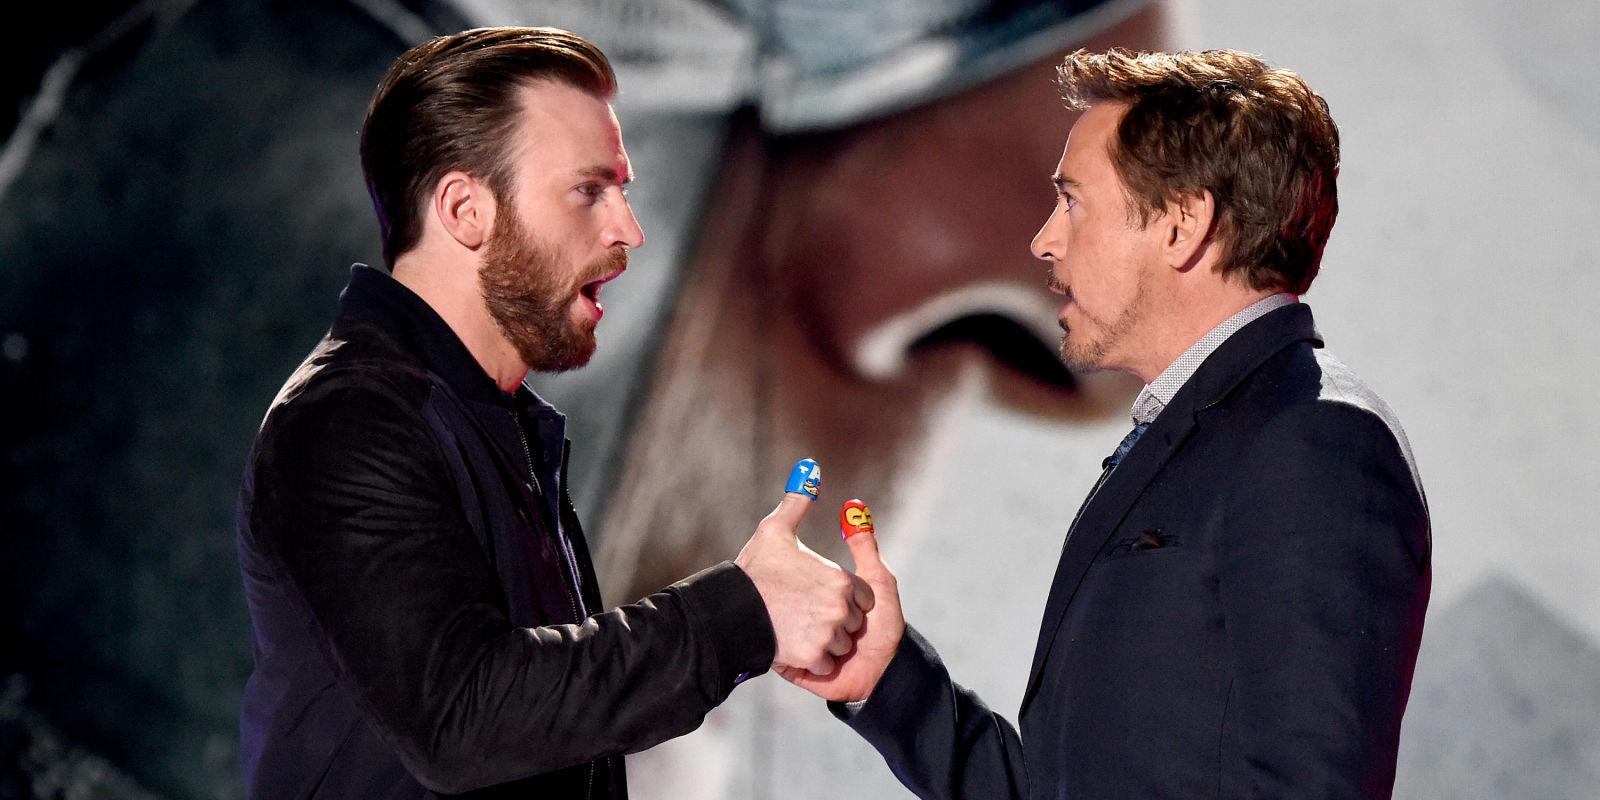 Image result for avengers thumb wrestling